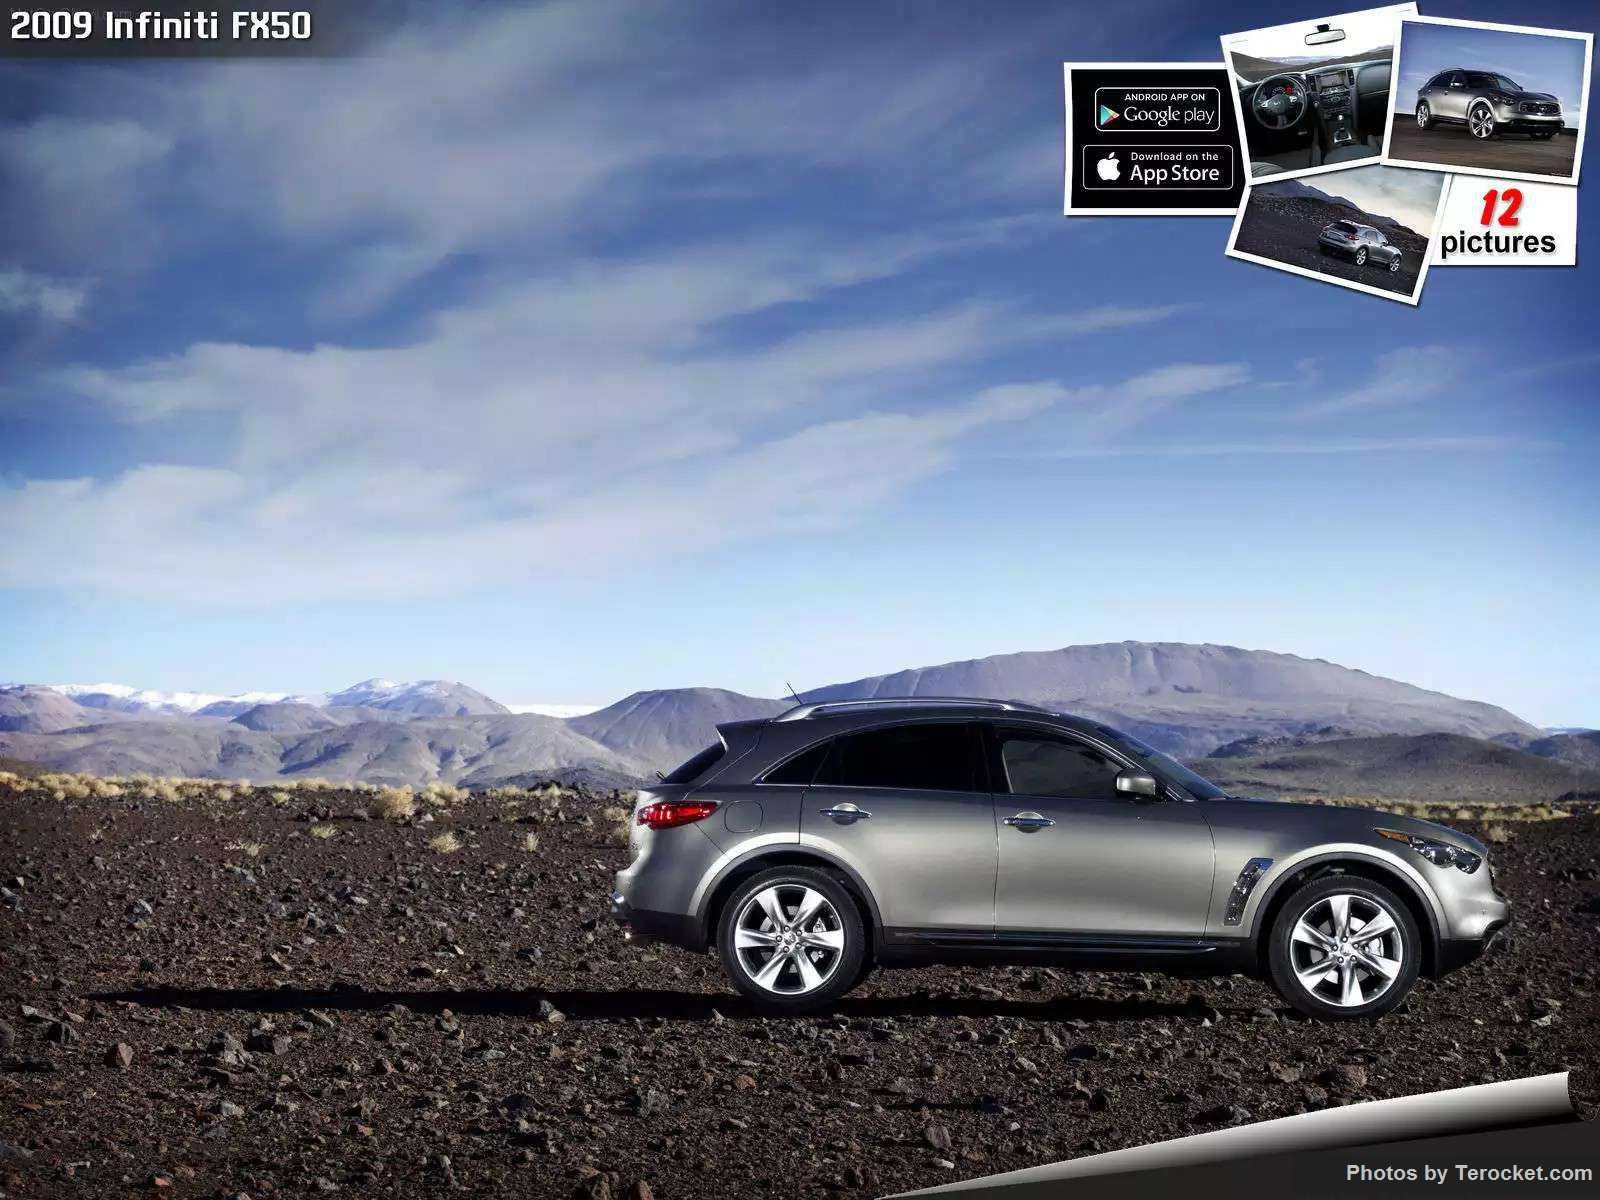 Hình ảnh xe ô tô Infiniti FX50 2009 & nội ngoại thất